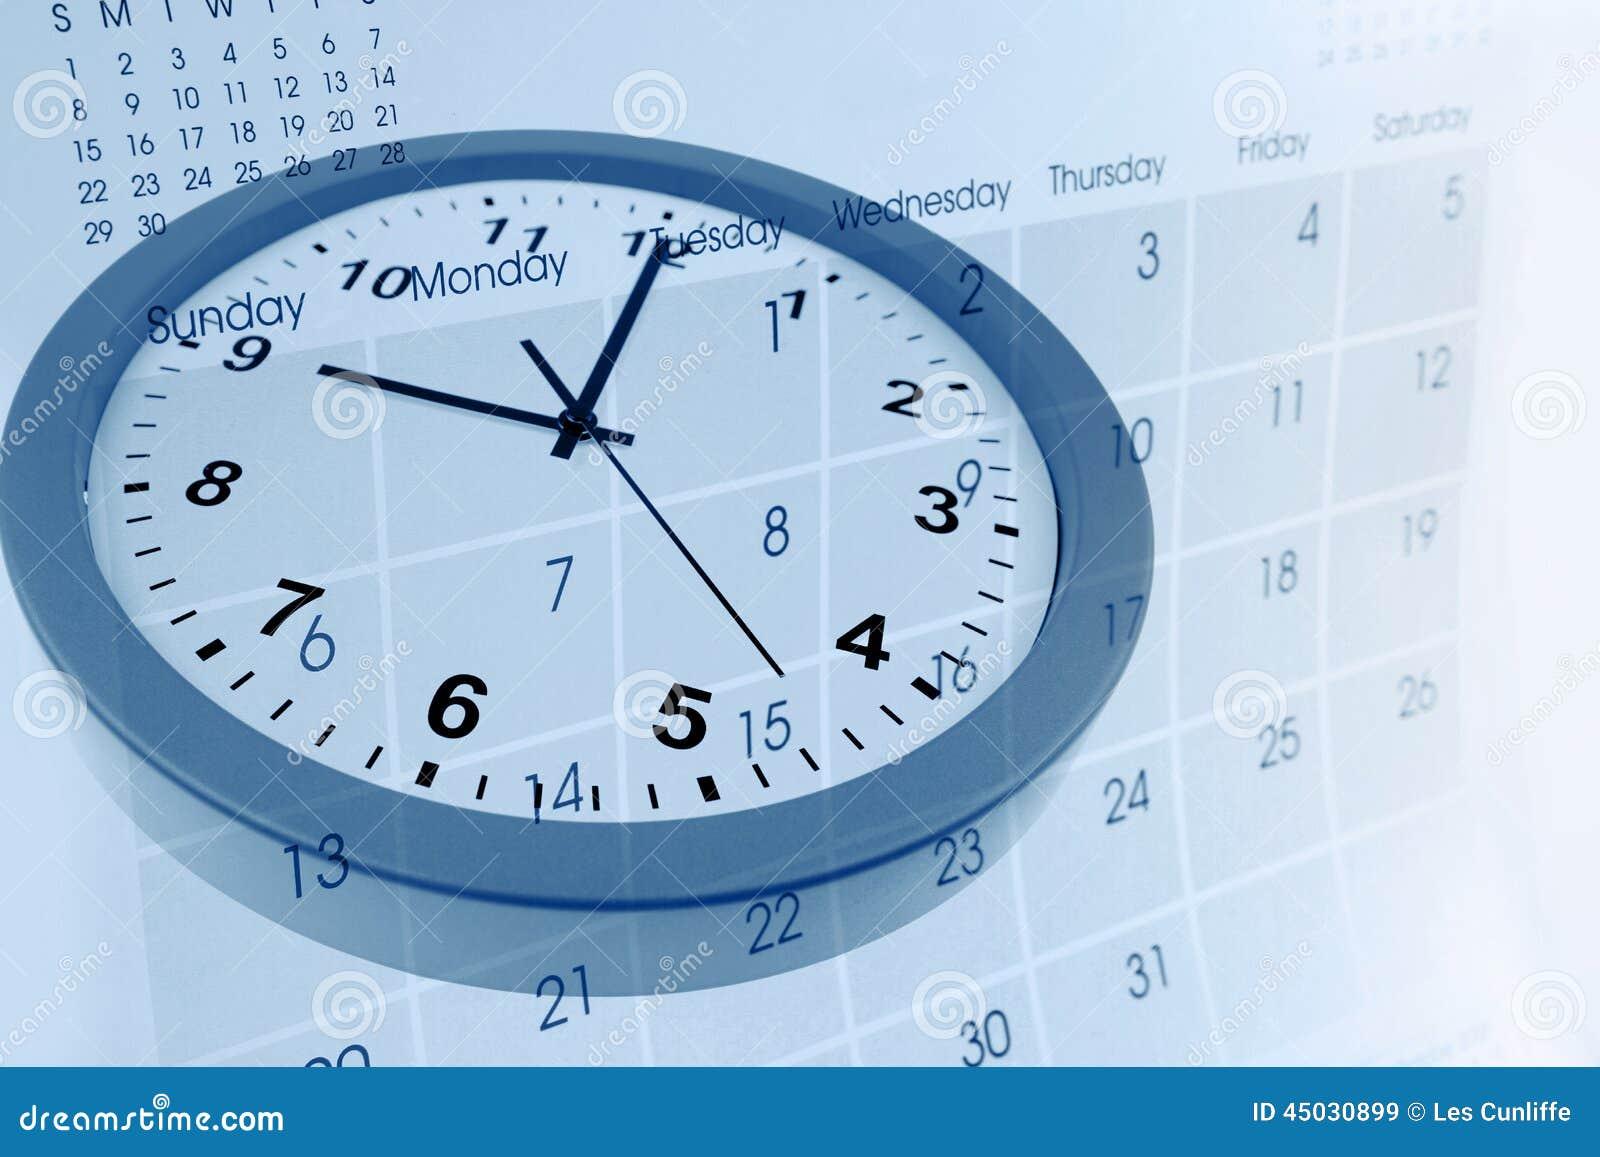 календарь и часики в одной картинке несет свои воды